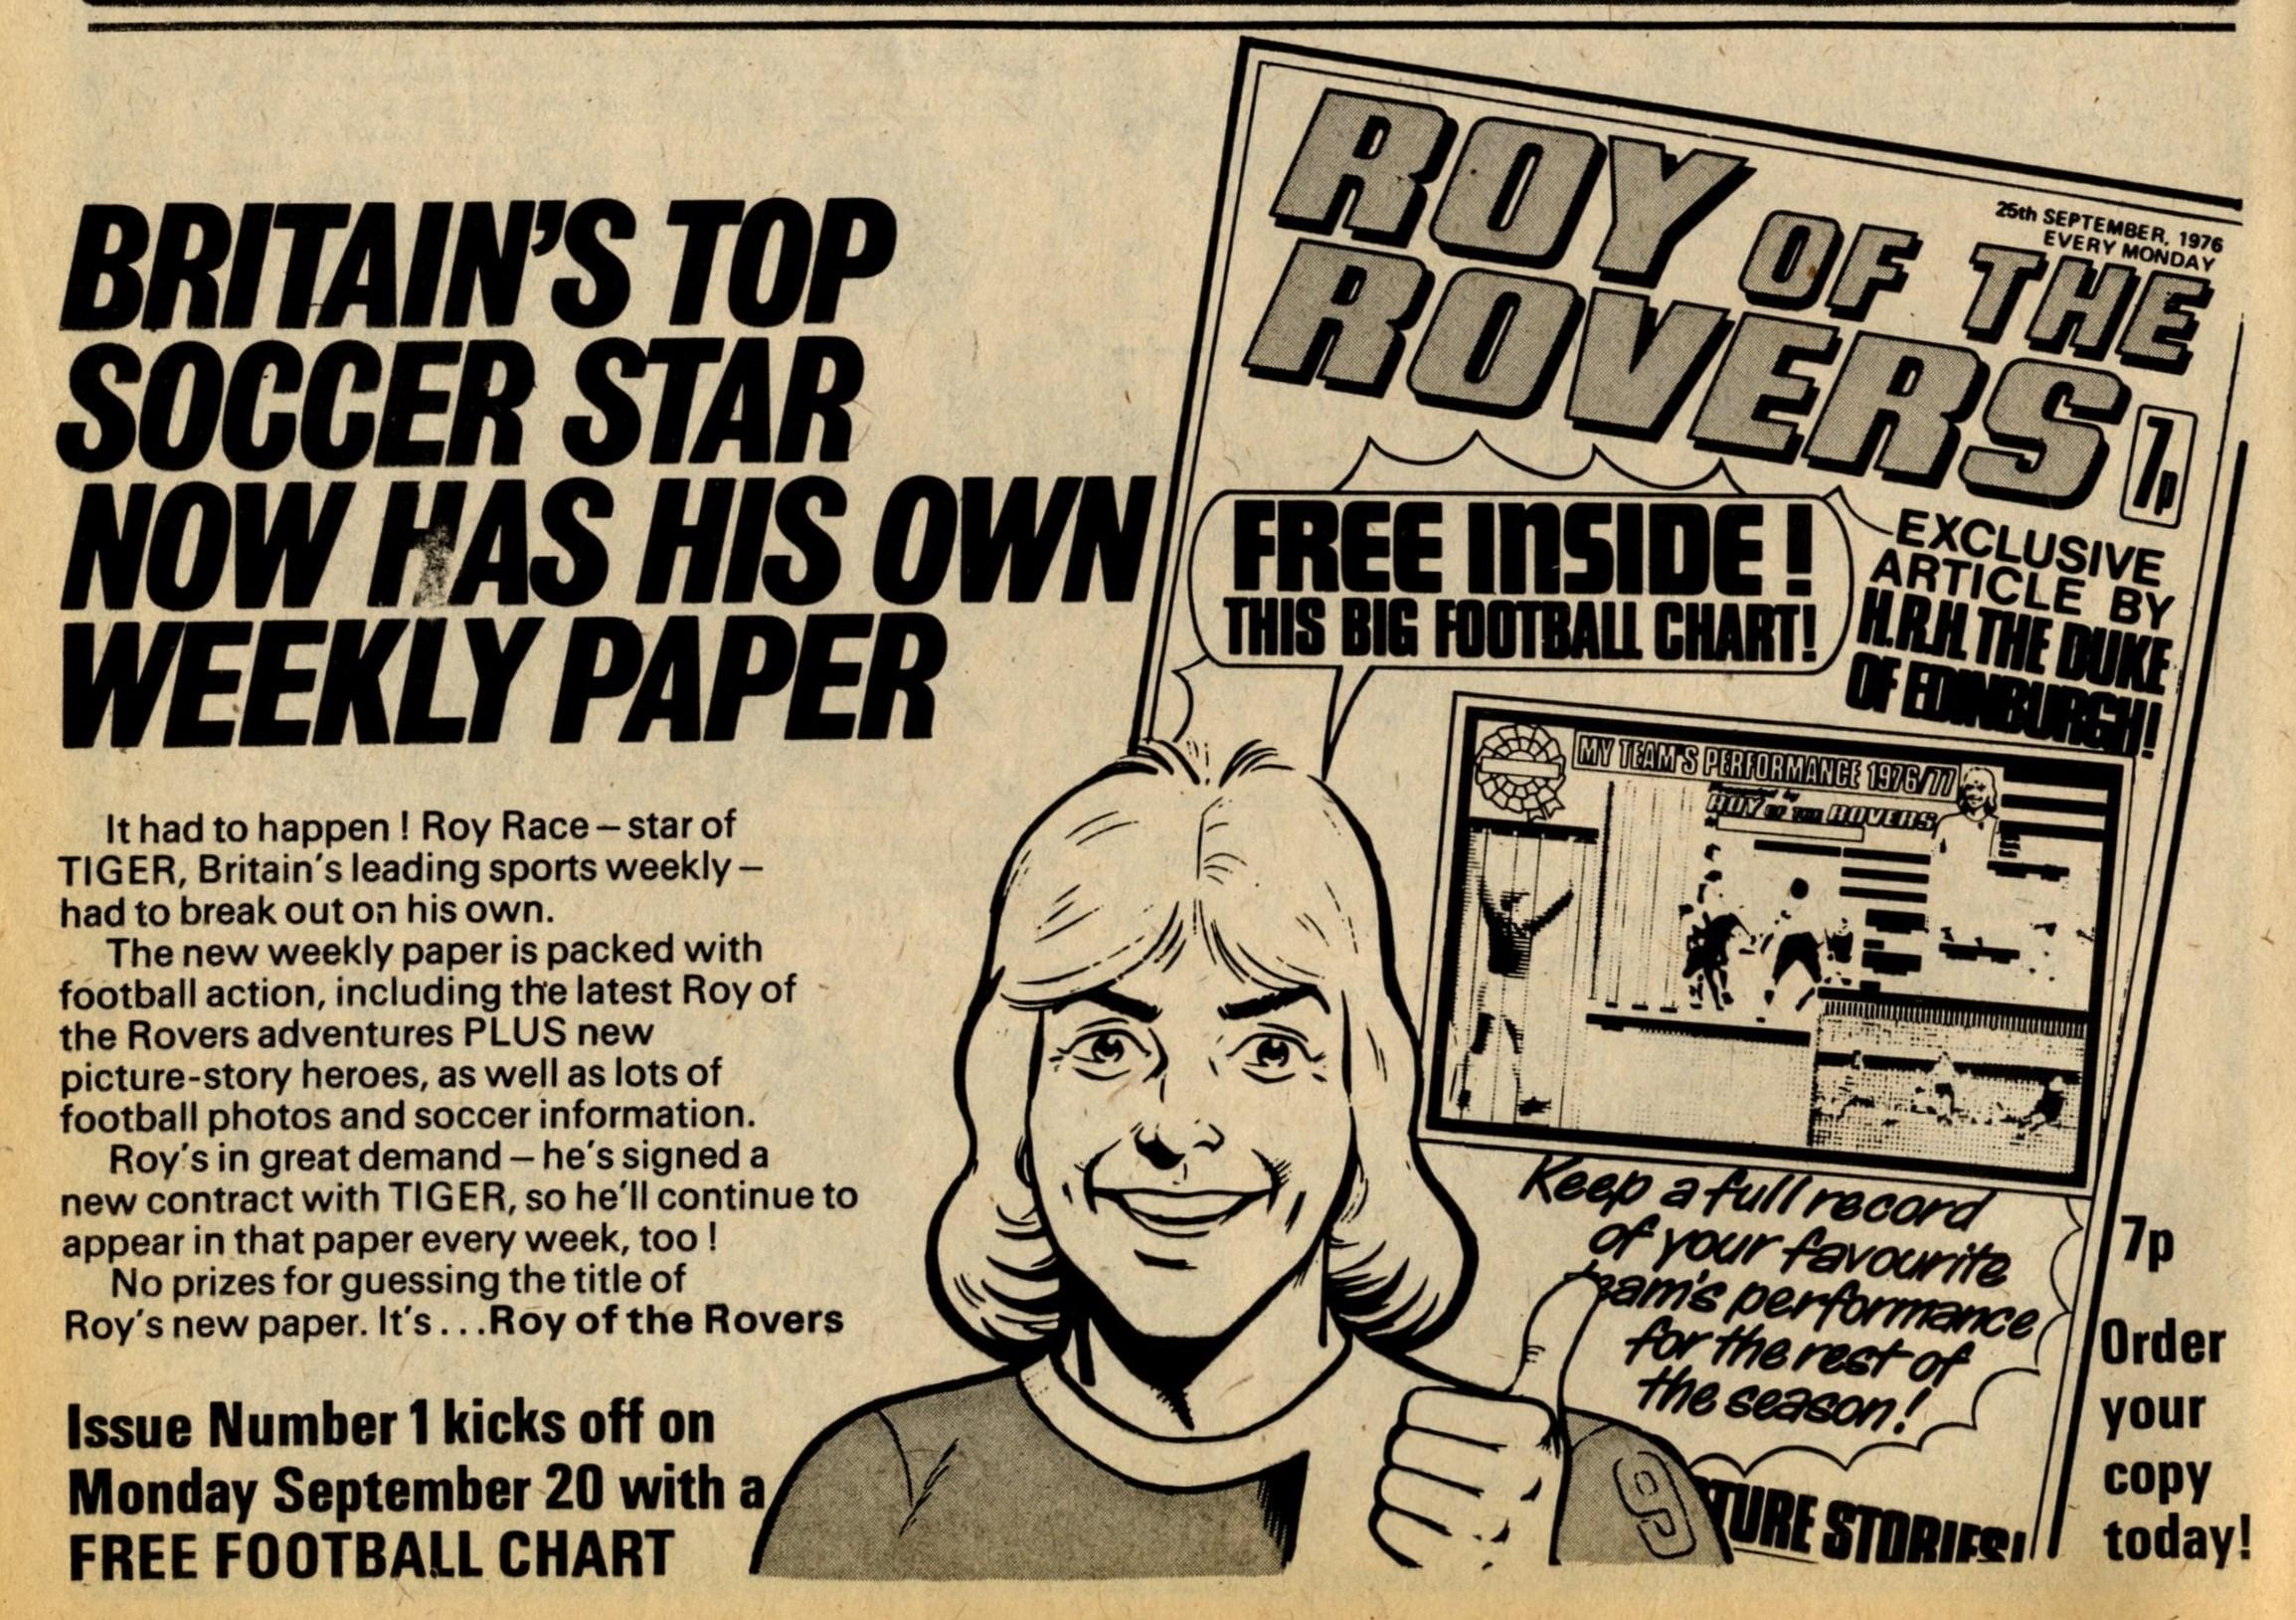 Advert from Tiger, 18 September 1976